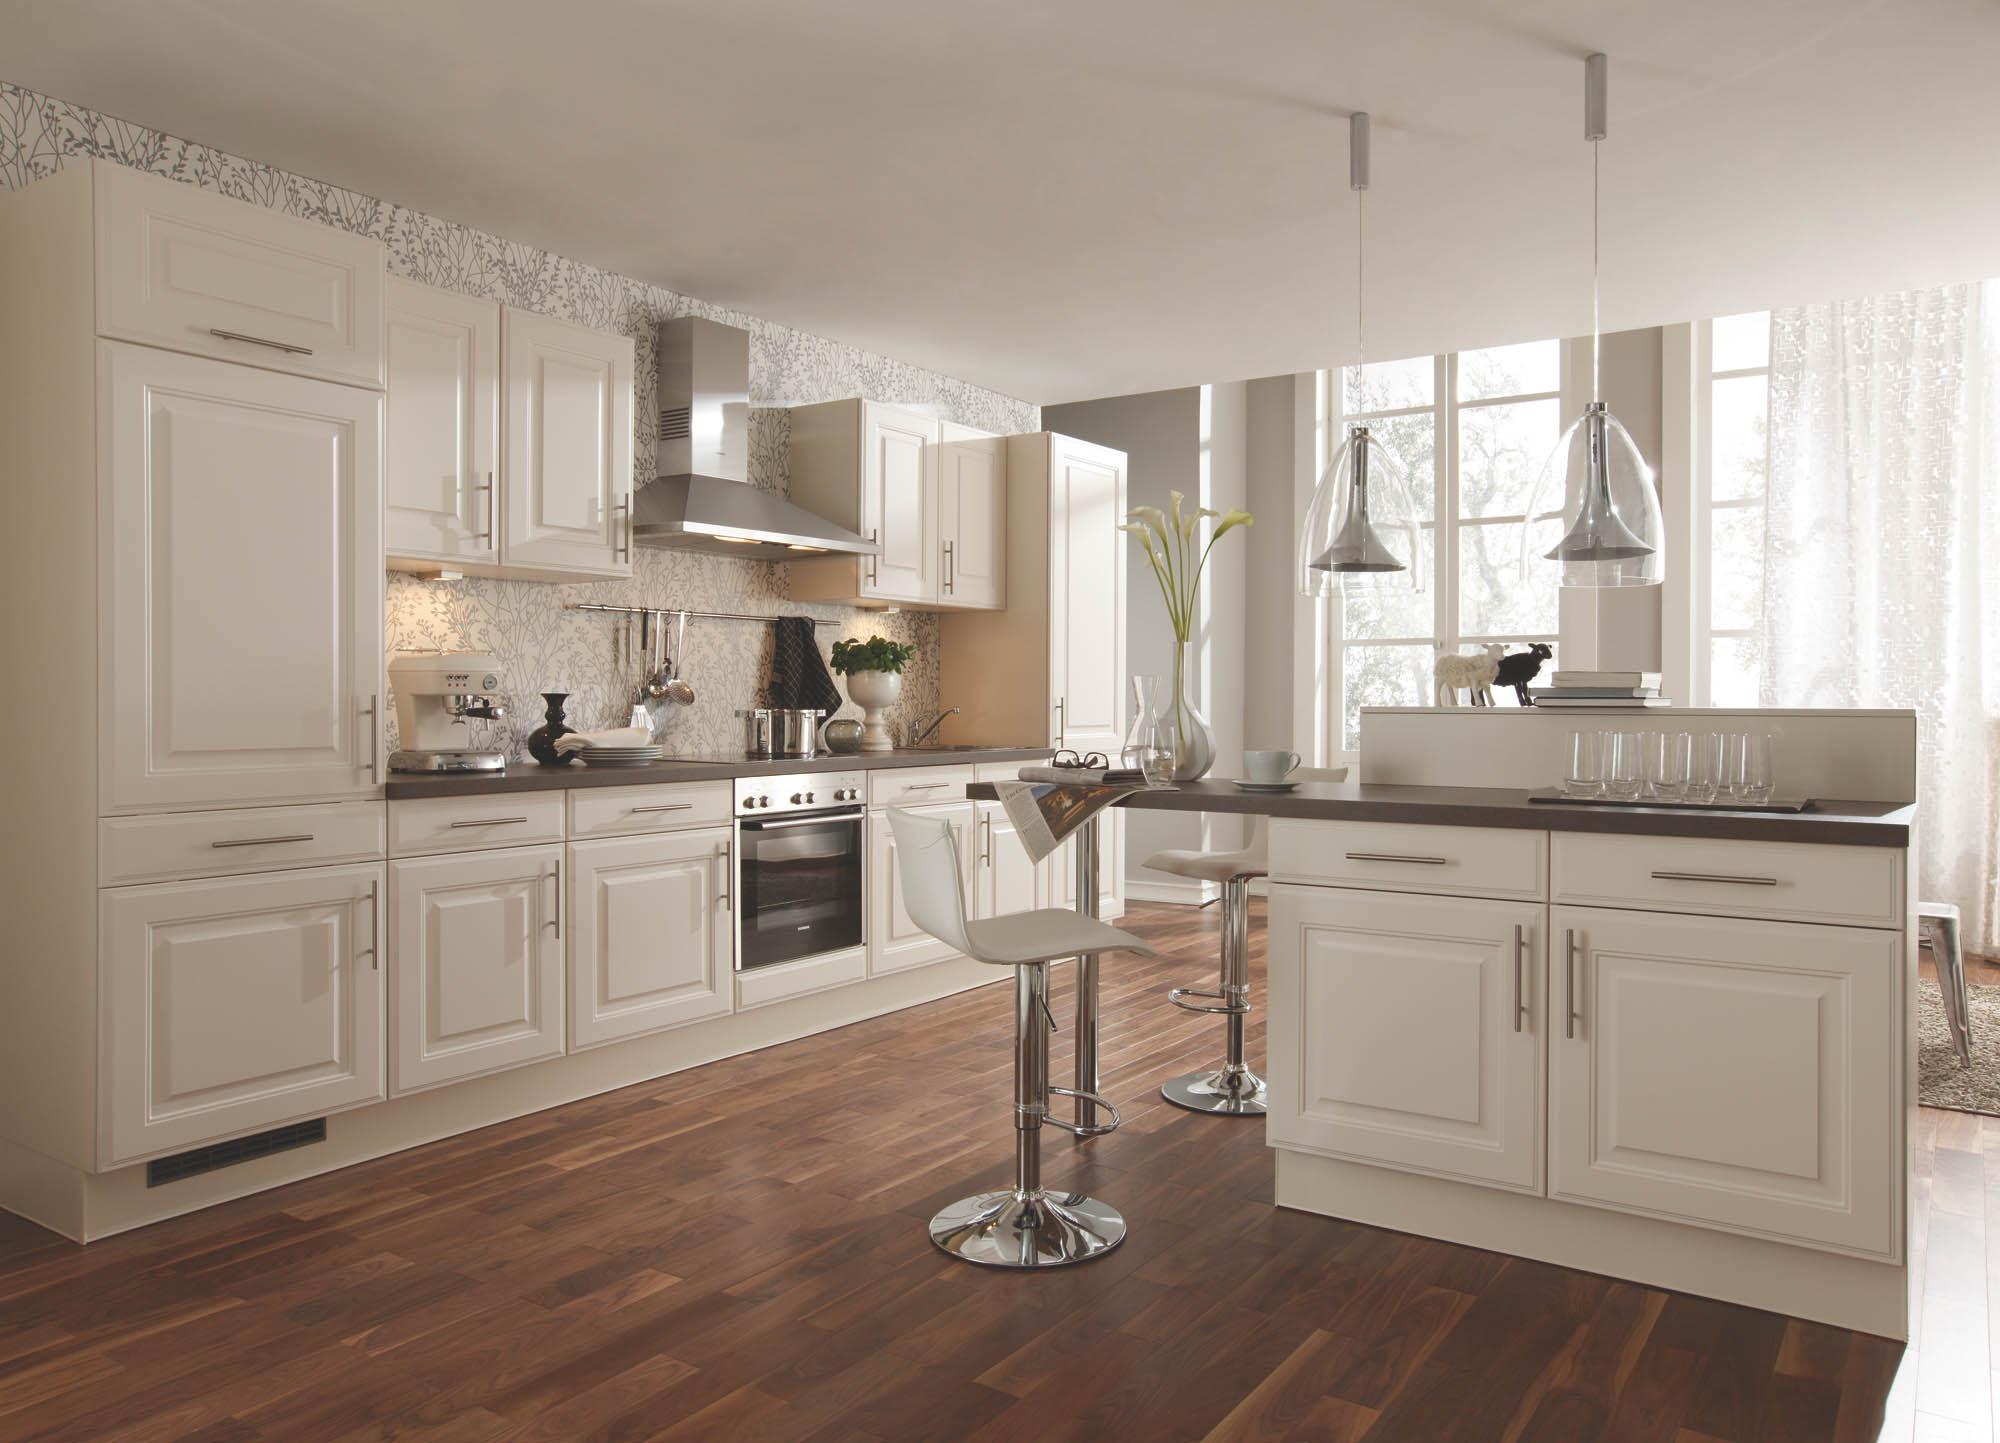 Full Size of Einbauküche Mit Elektrogeräten Gebraucht Kaufen Einbauküche Mit Elektrogeräten 220 Cm Einbauküche Mit Elektrogeräten Kosten Neuwertige Einbauküche Mit Elektrogeräten Küche Einbauküche Mit Elektrogeräten